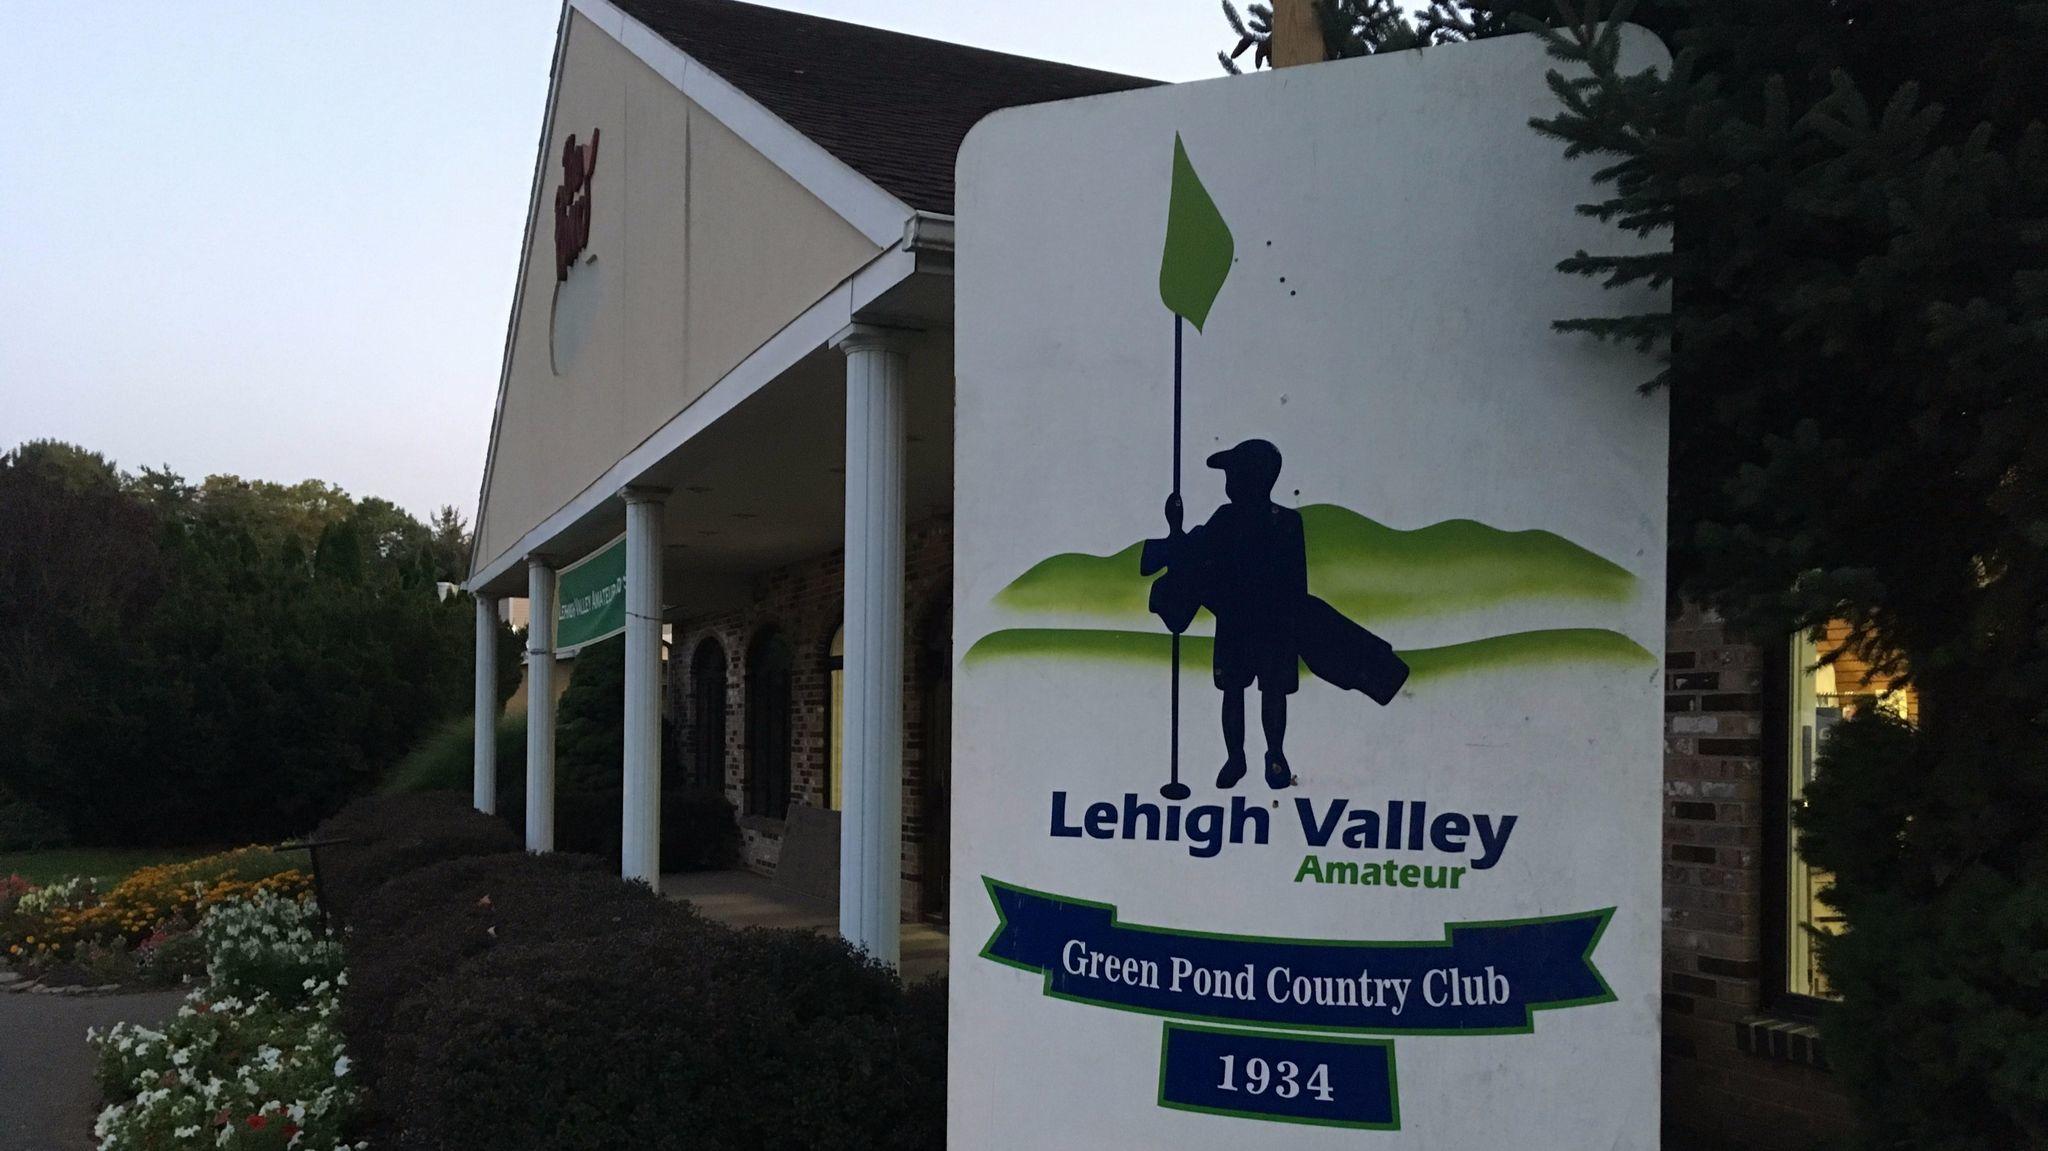 Lehigh valley amateur astrologique